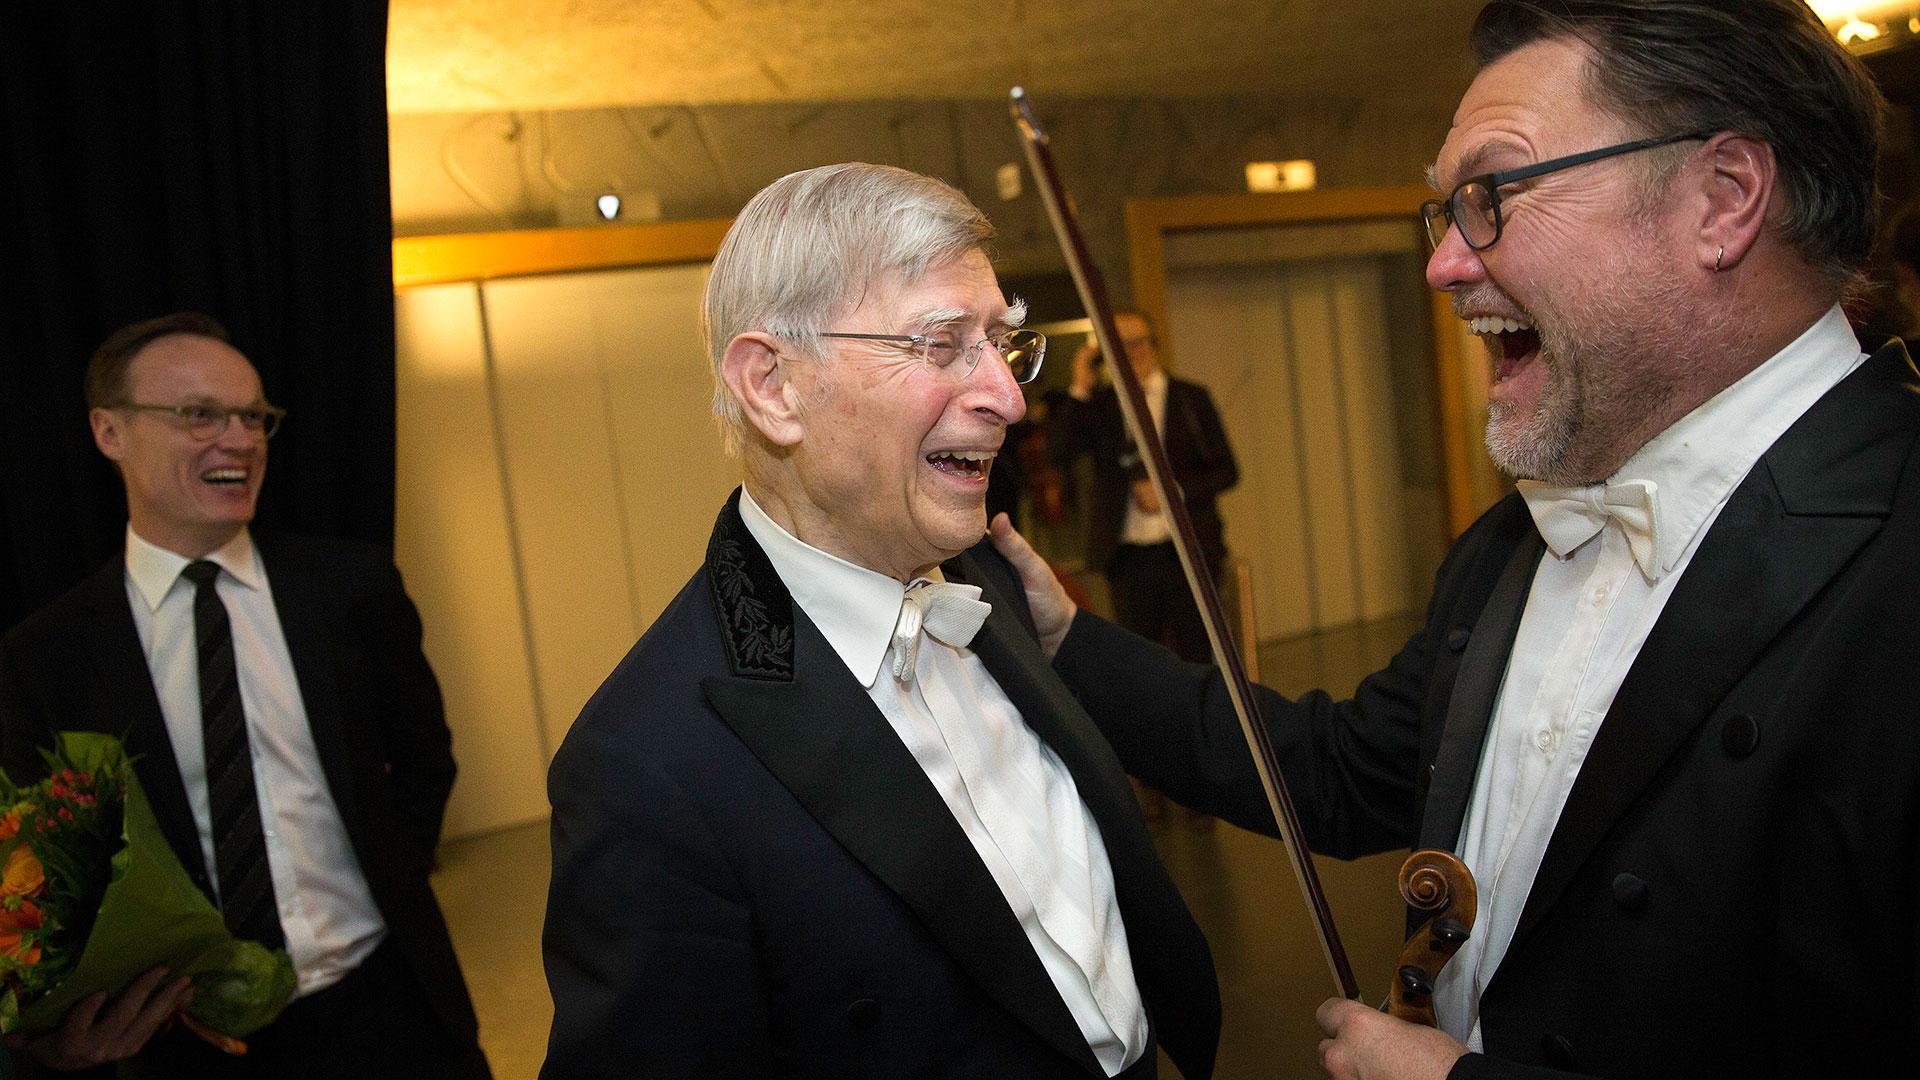 P2 Koncerten: Torsdagskoncerten med Blomstedt og Brahms